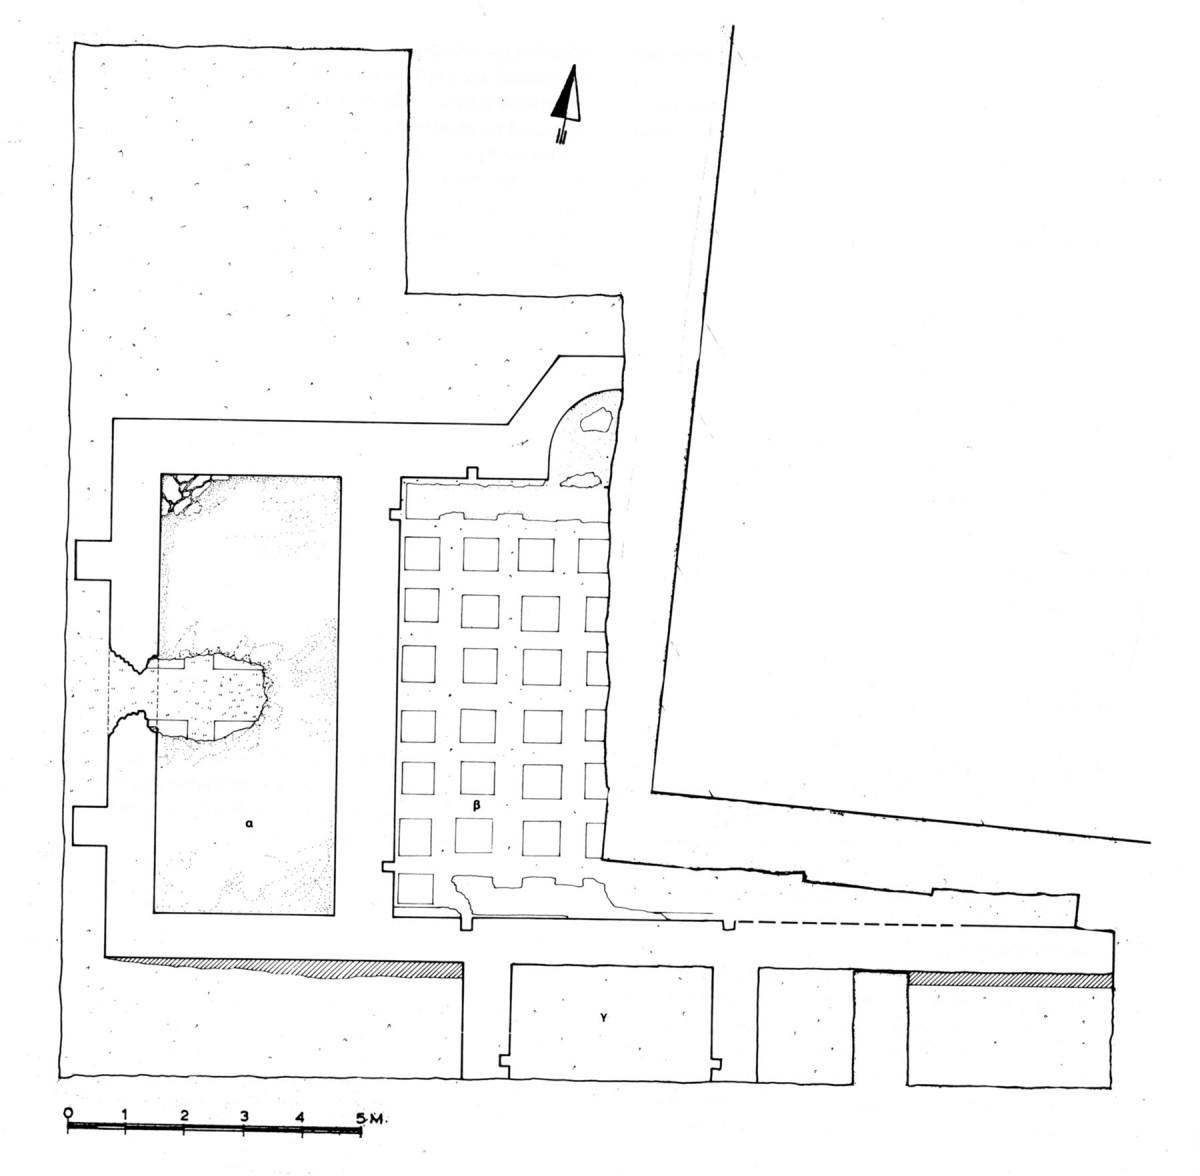 Εικ. 1. Βυζαντινό λουτρό: Κάτοψη στο επίπεδο του δαπέδου (πηγή: Ο. Γκράτζιου, «8η Εφορεία Βυζαντινών Αρχαιοτήτων. Ανασκαφικές εργασίες. Νομός Ιωαννίνων», Αρχαιολογικό Δελτίο, 38 (1983), Β2 Χρονικά, σ. 246).